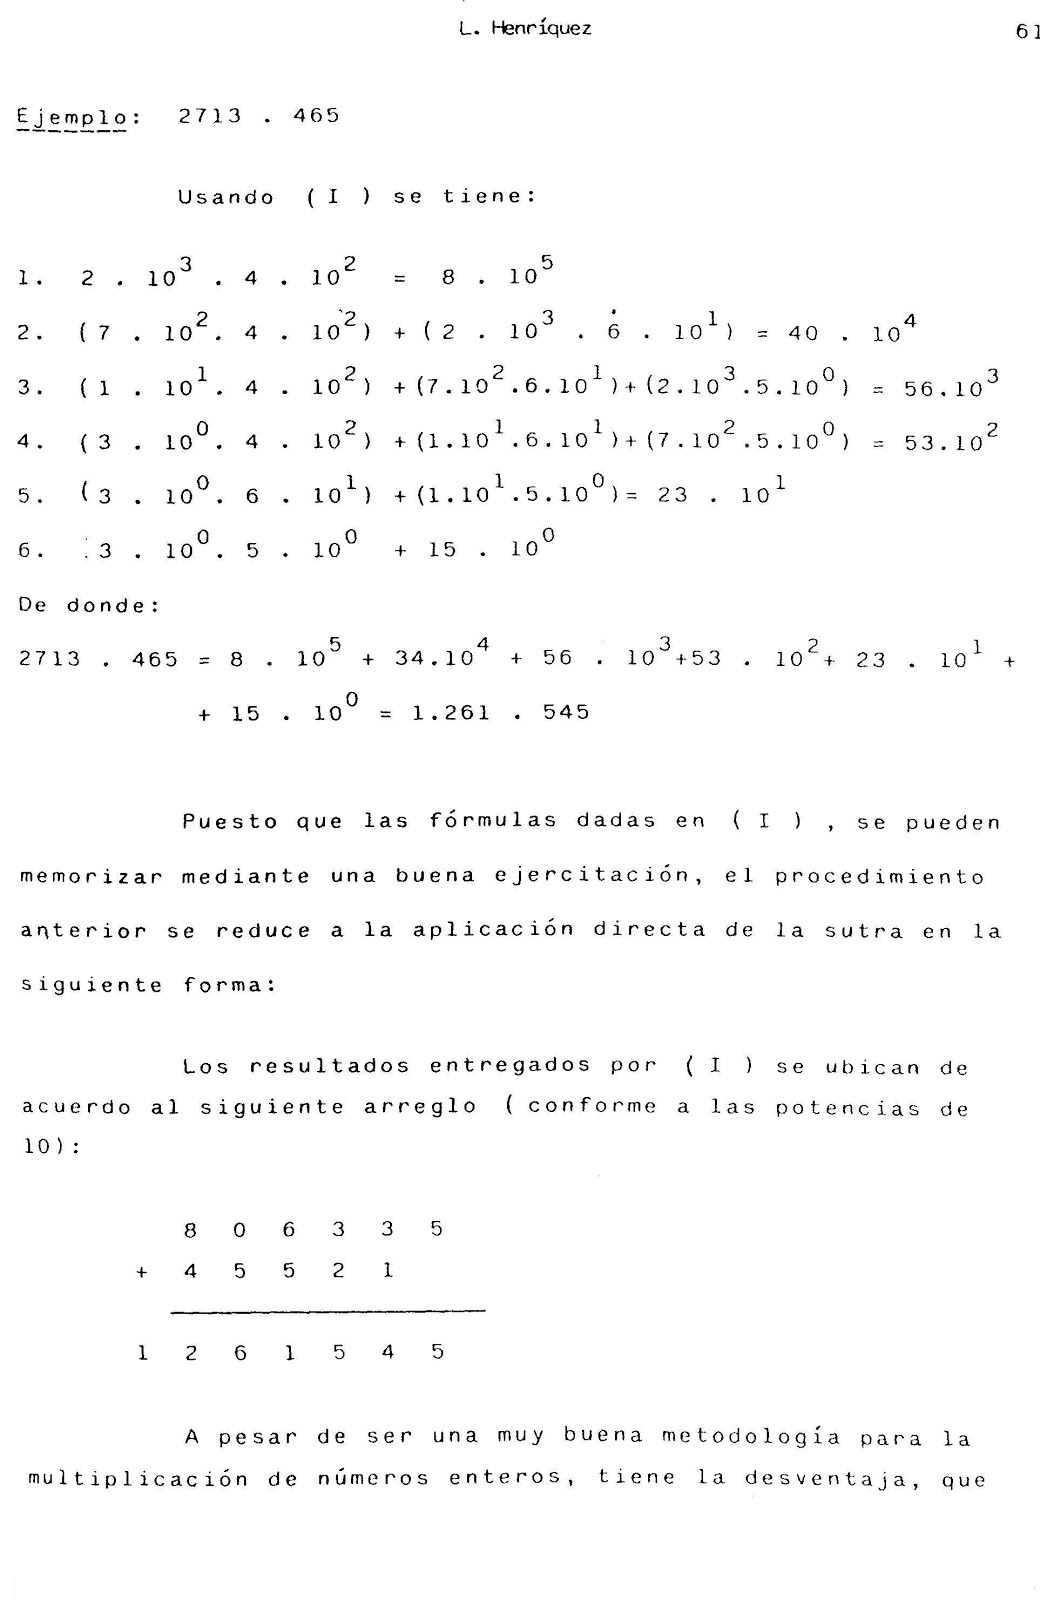 Algoritmos Hindúes_5_0001.jpg